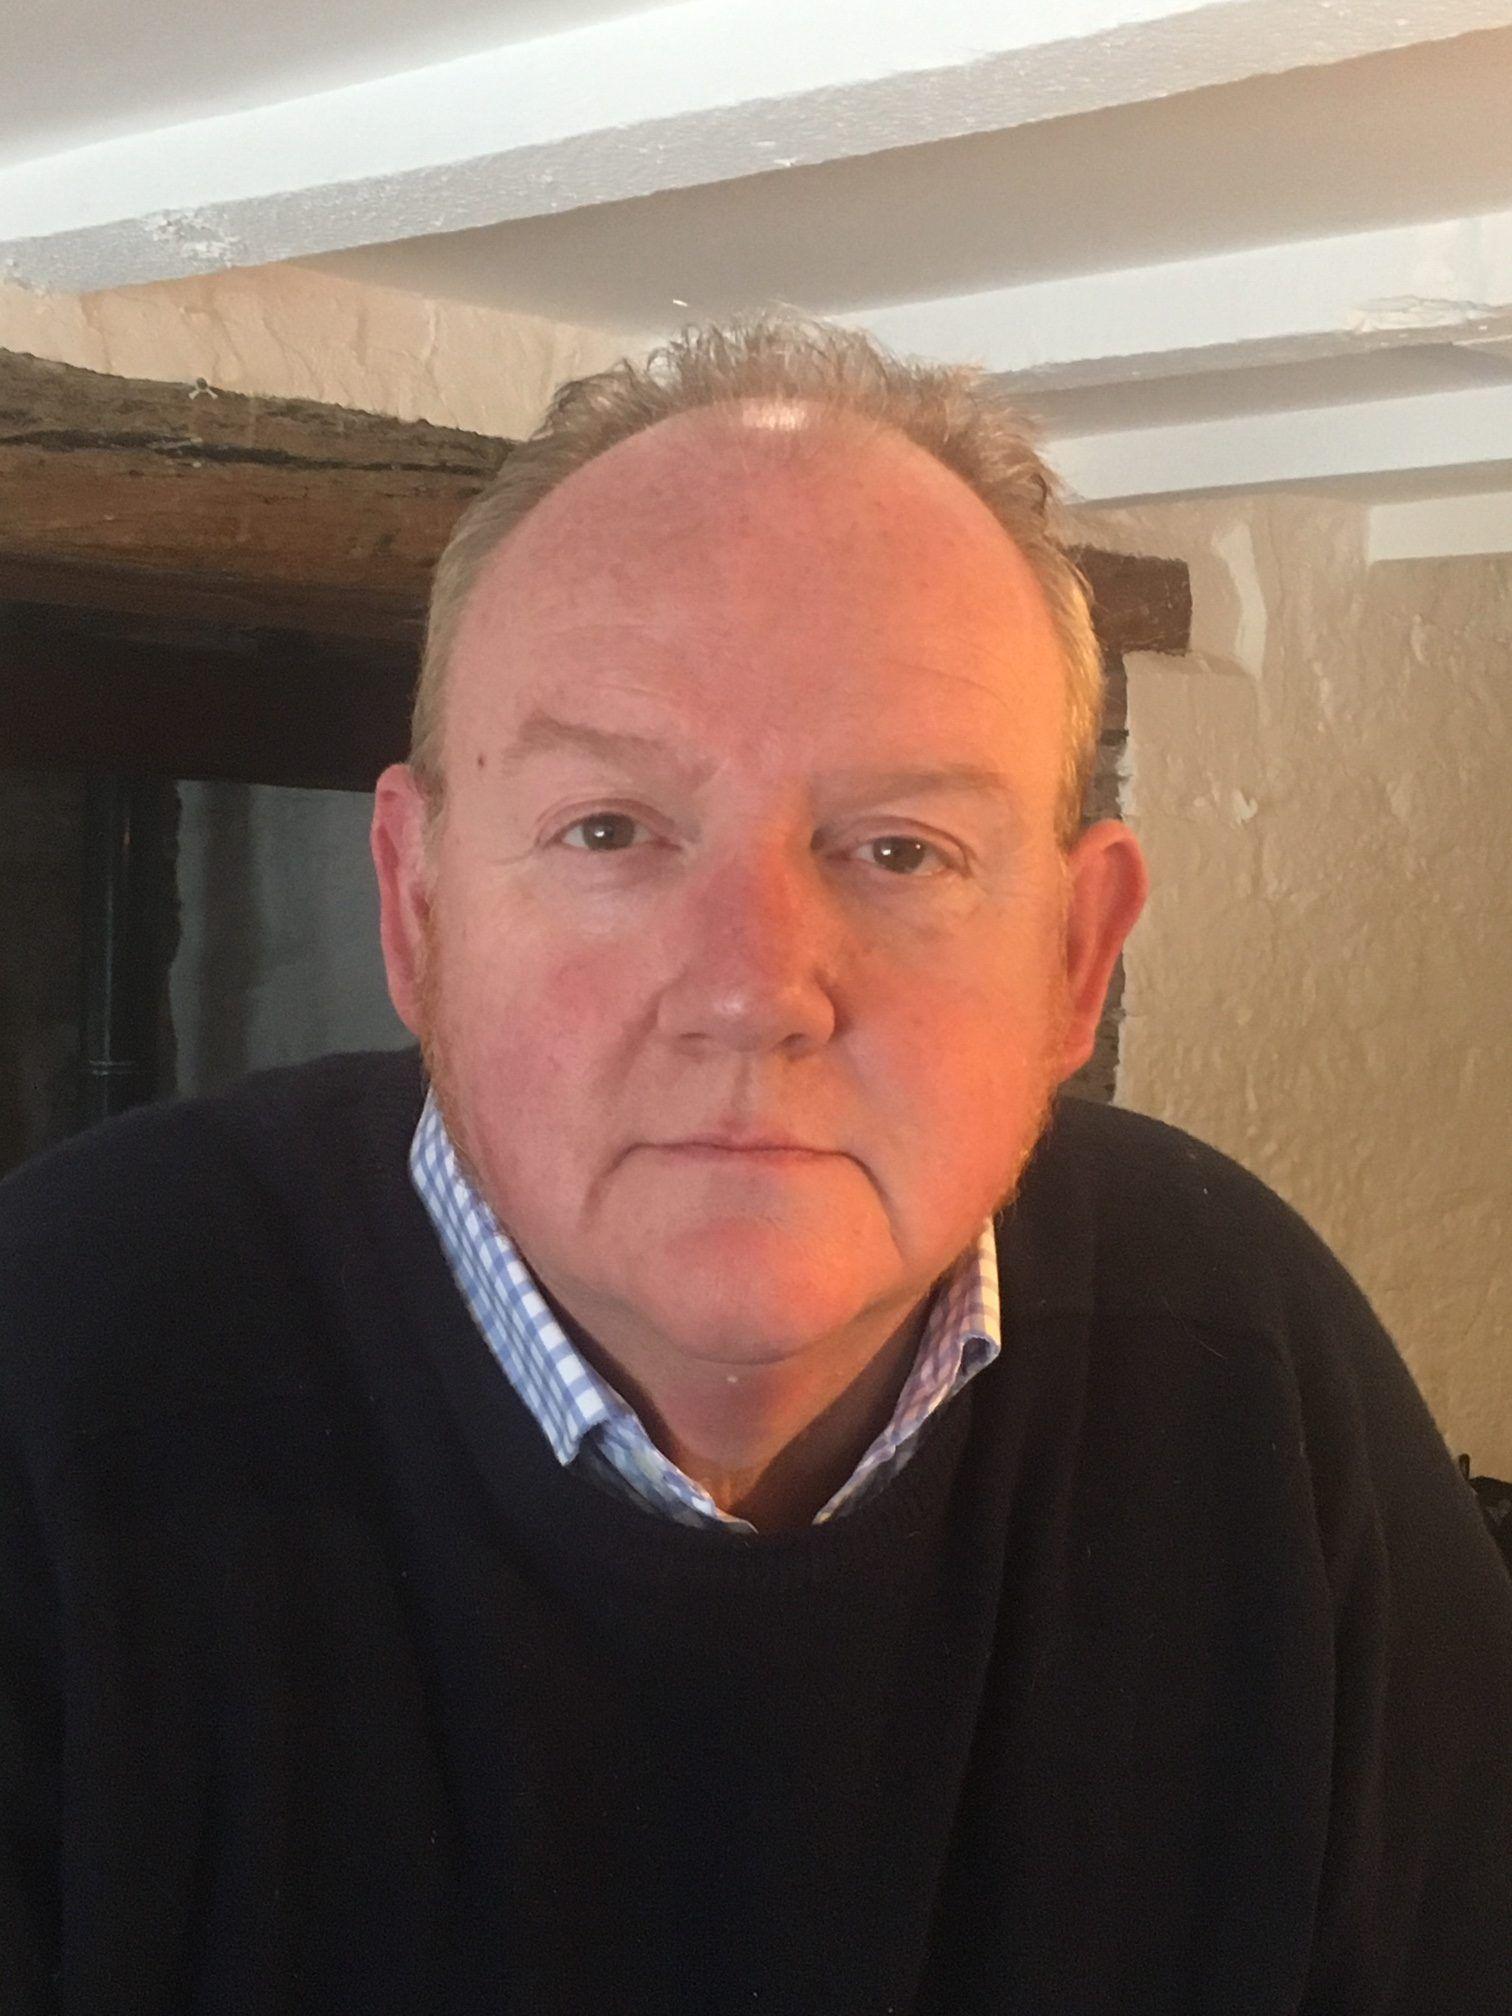 Simon Medland